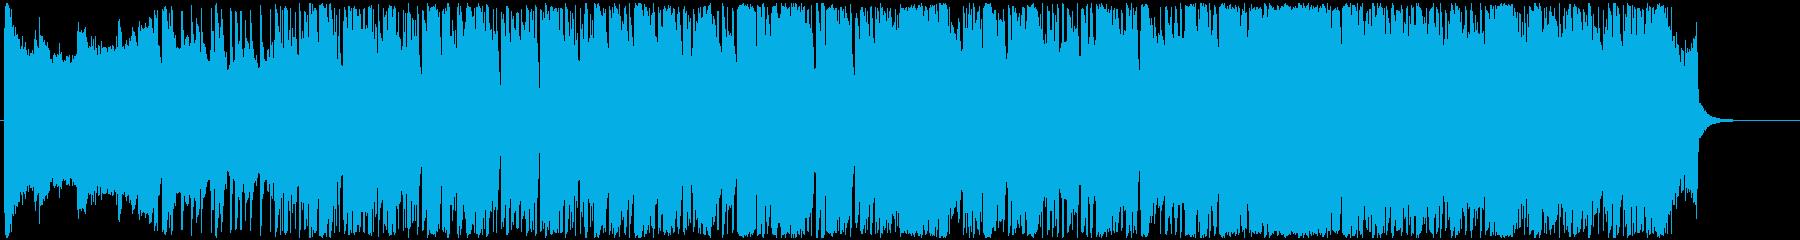 軽快なリズムで明るいBGMの再生済みの波形